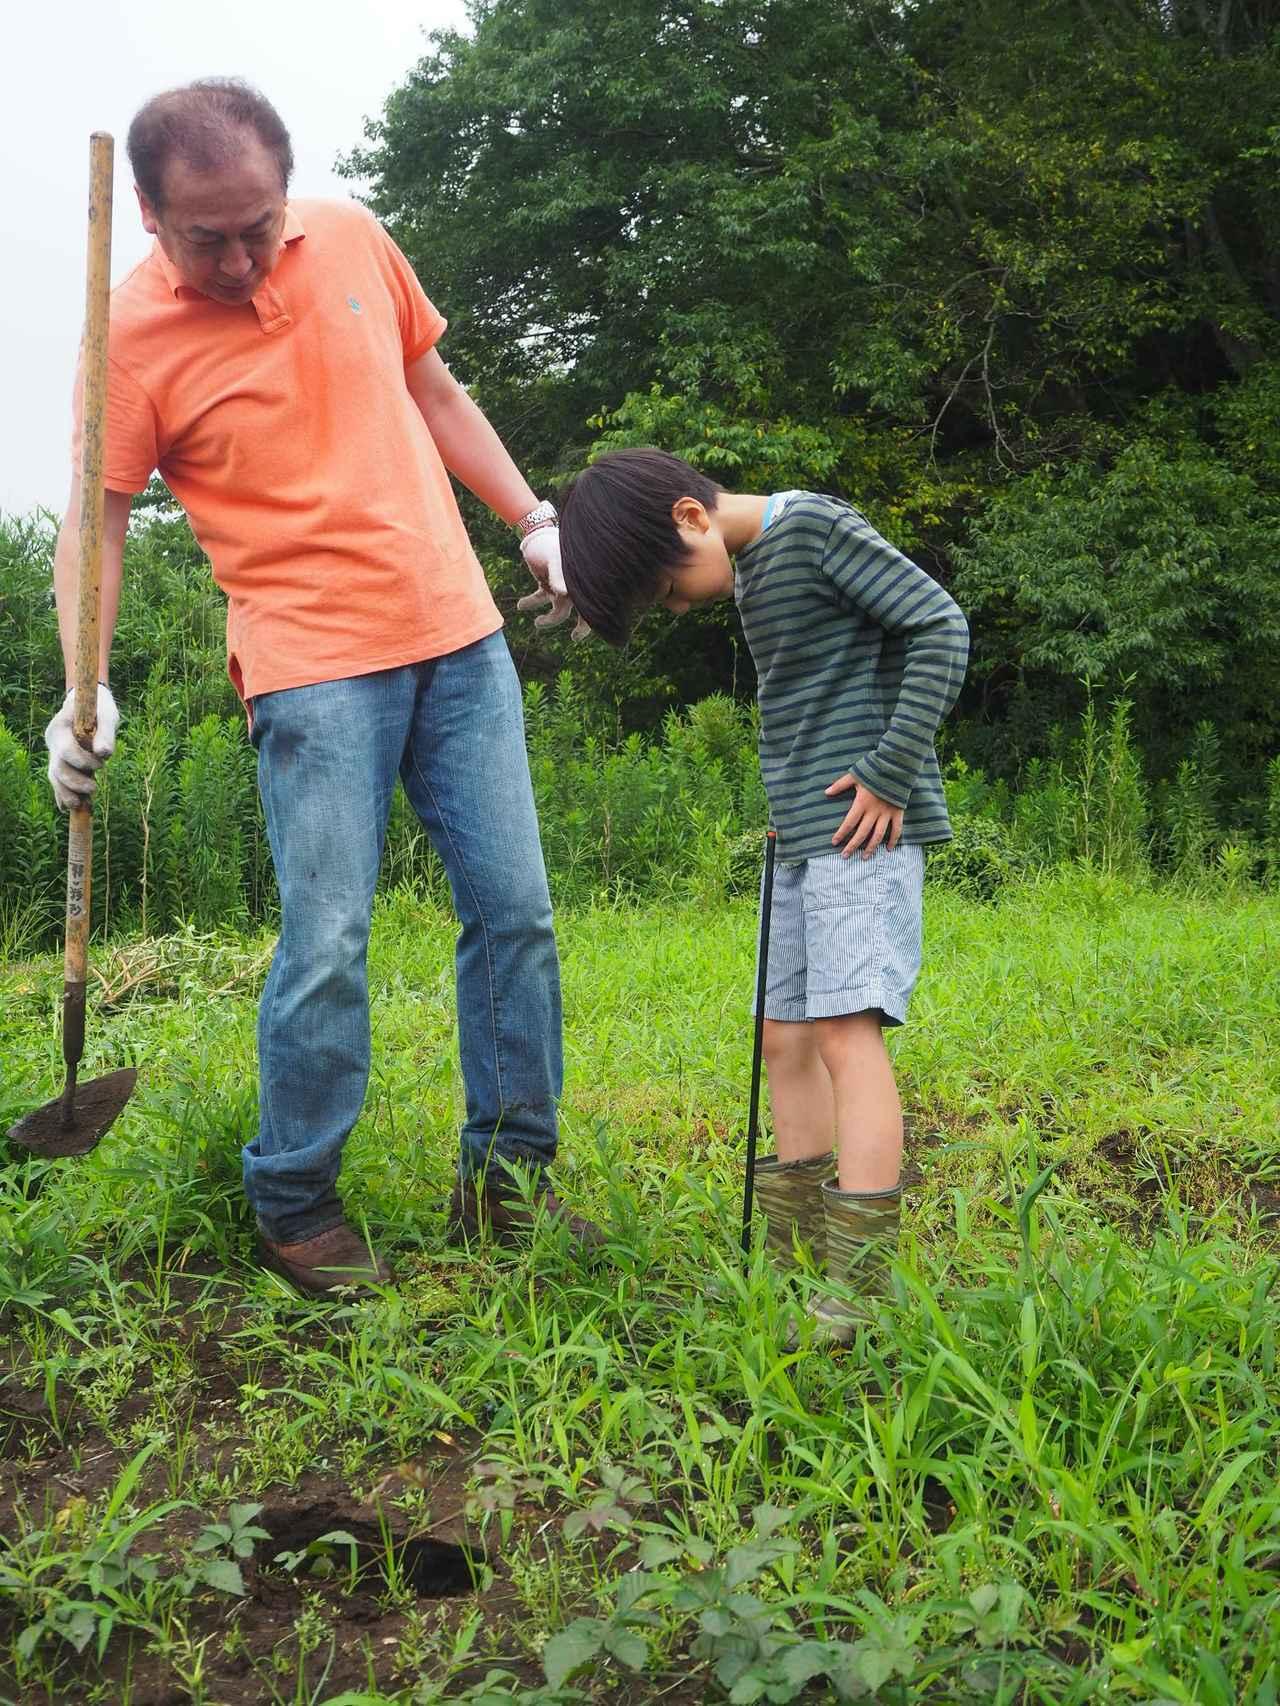 画像: 参加者の小学生の腰の位置を基準に杭の高さを調整